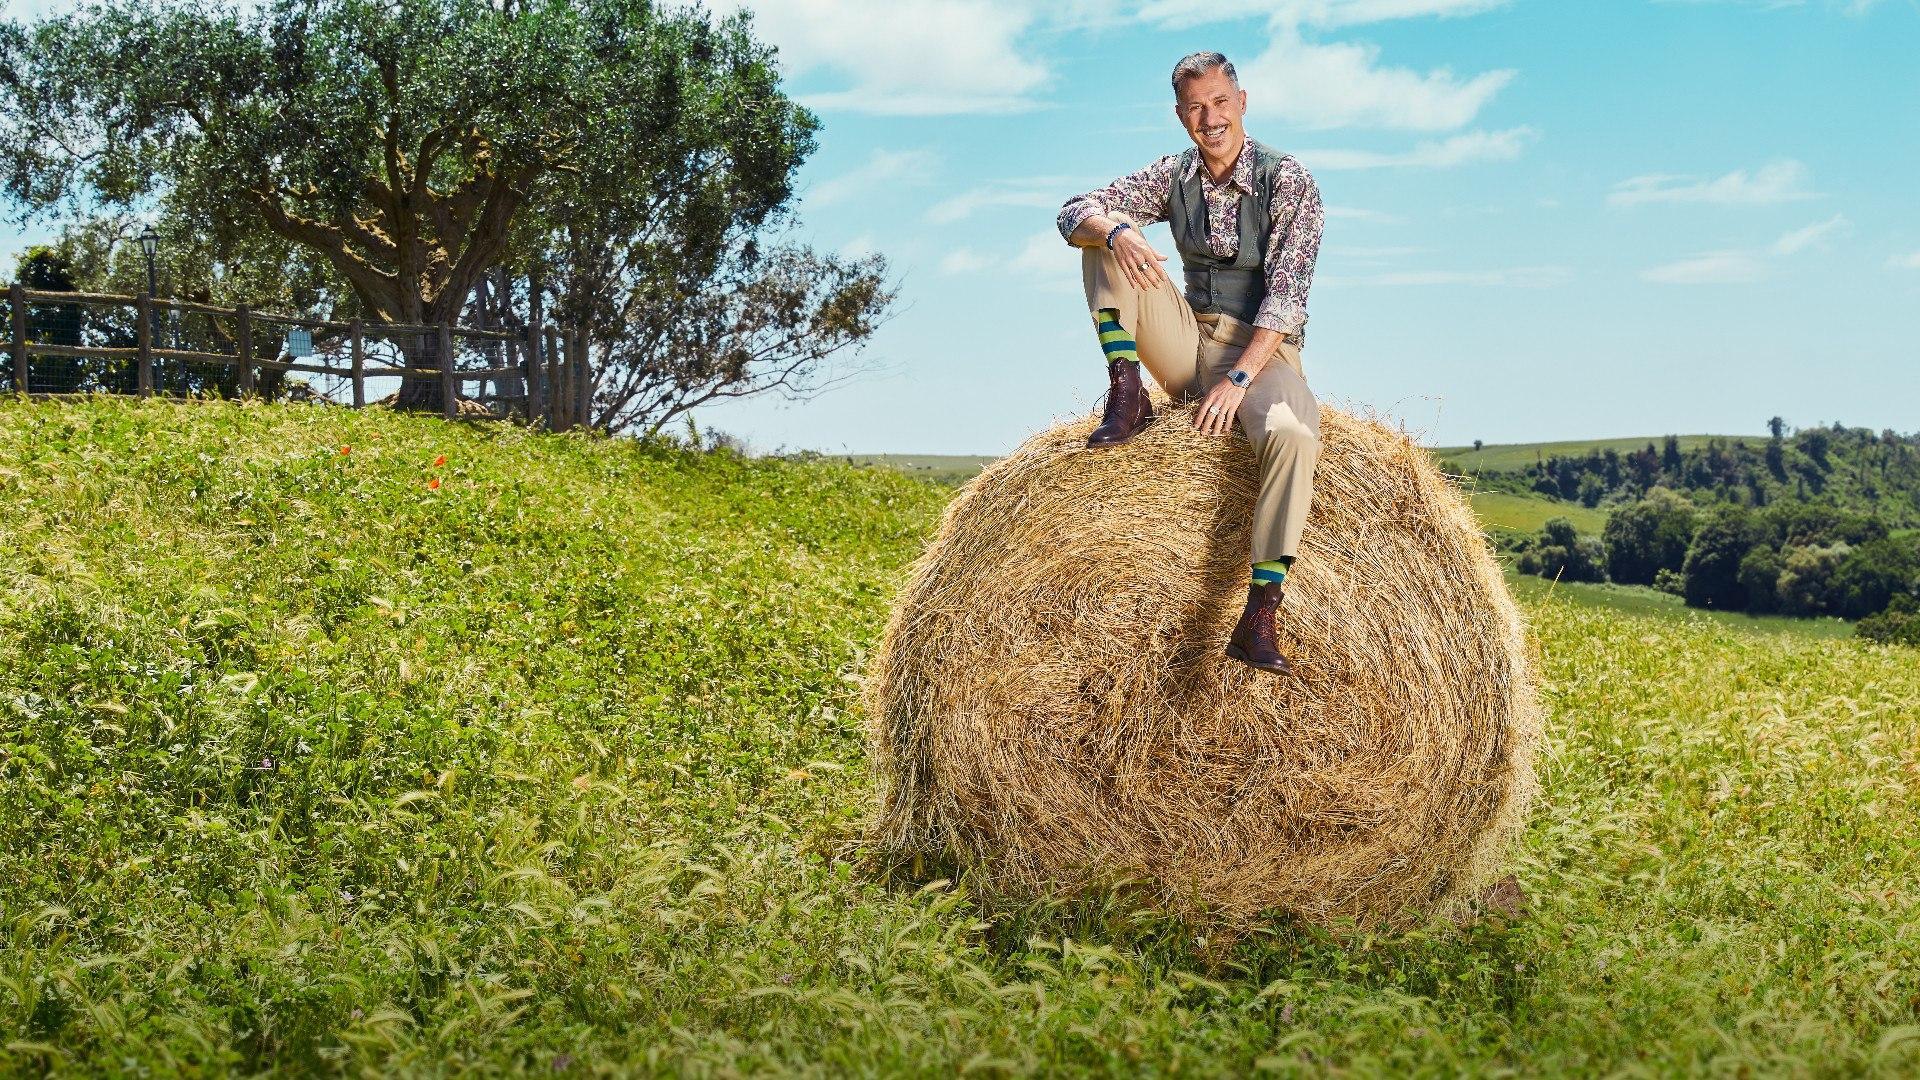 Nove Il contadino cerca moglie